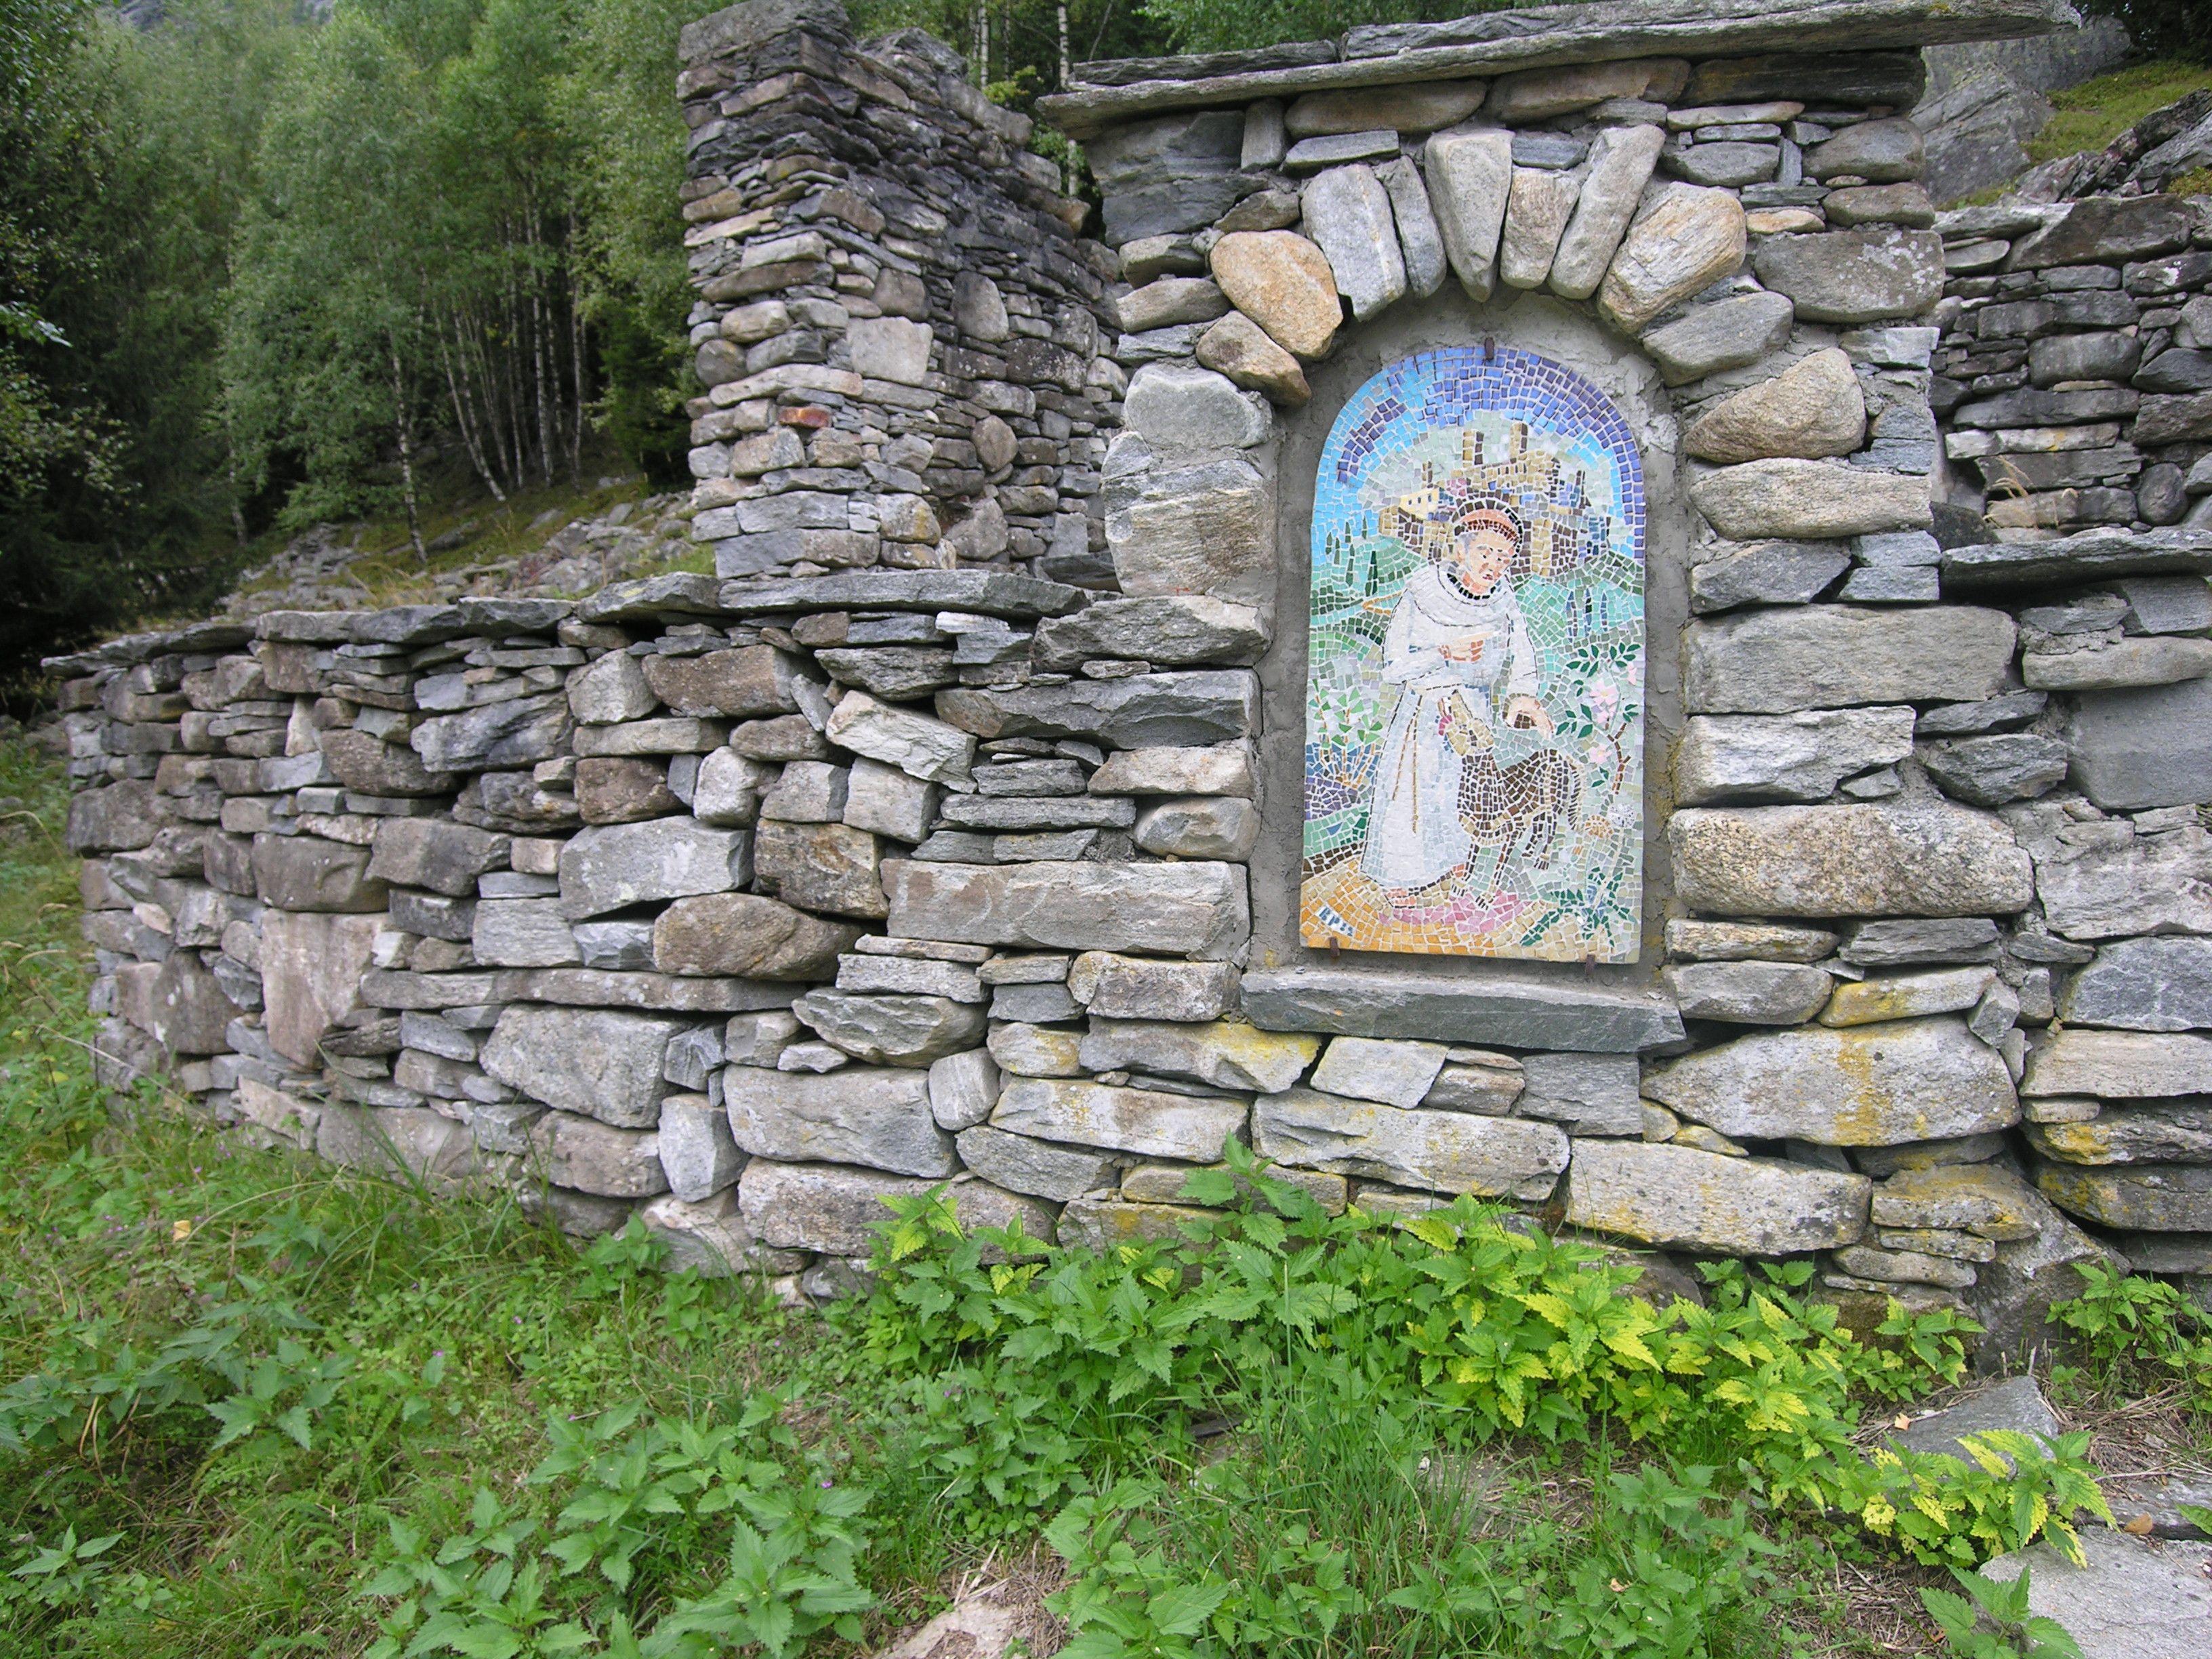 Stone Wall Art : Dry stone wikidwelling fandom powered by wikia